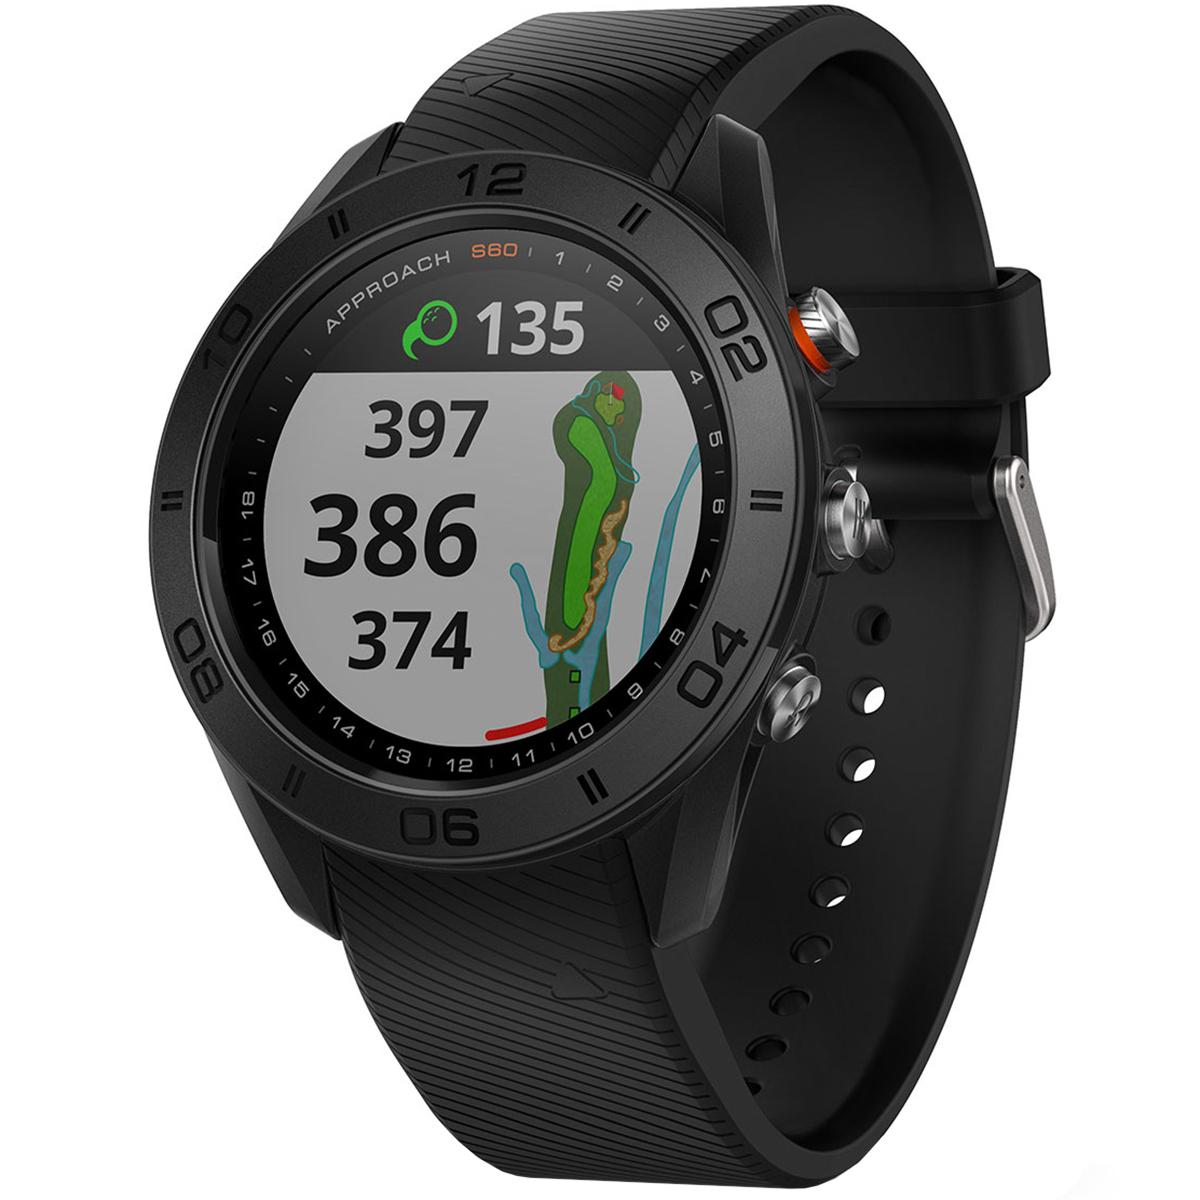 1bfffb6f Garmin Approach S60 GPS Watch golf way h £299.99 American Golf